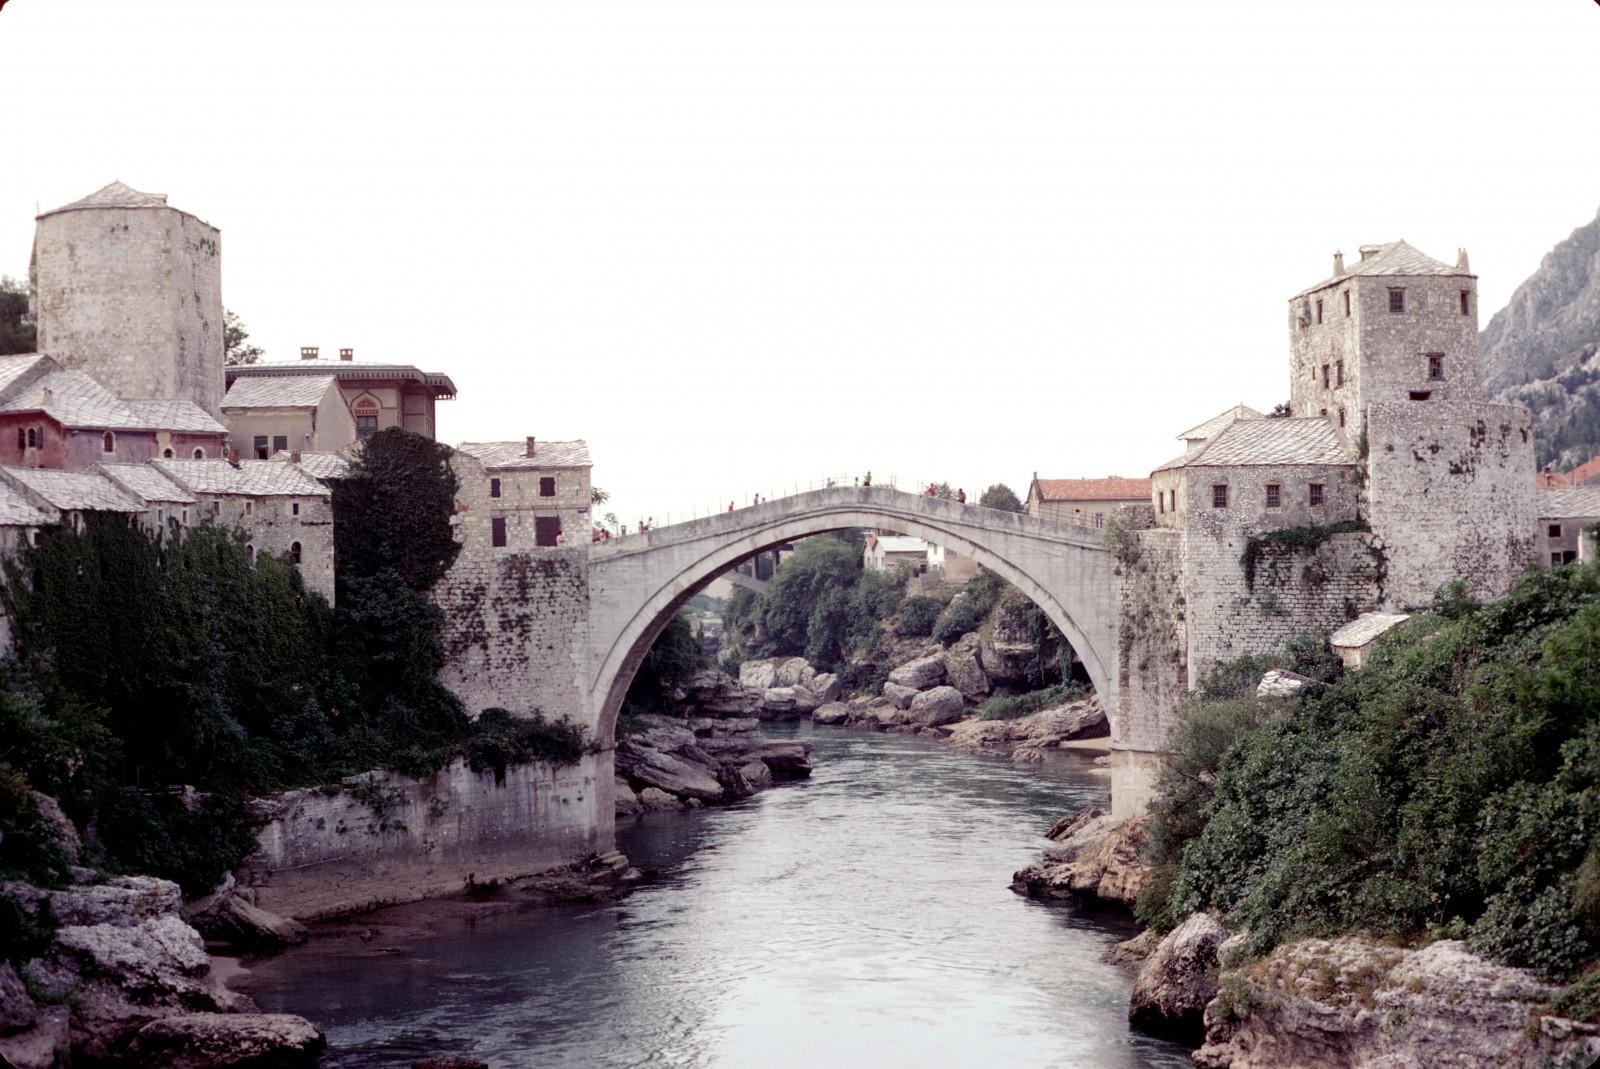 Le vieux pont de Mostar en 1974, avant sa démolition, Bosnie-Herzégovine. © Wikimedia ; Jean-Pierre Bazard